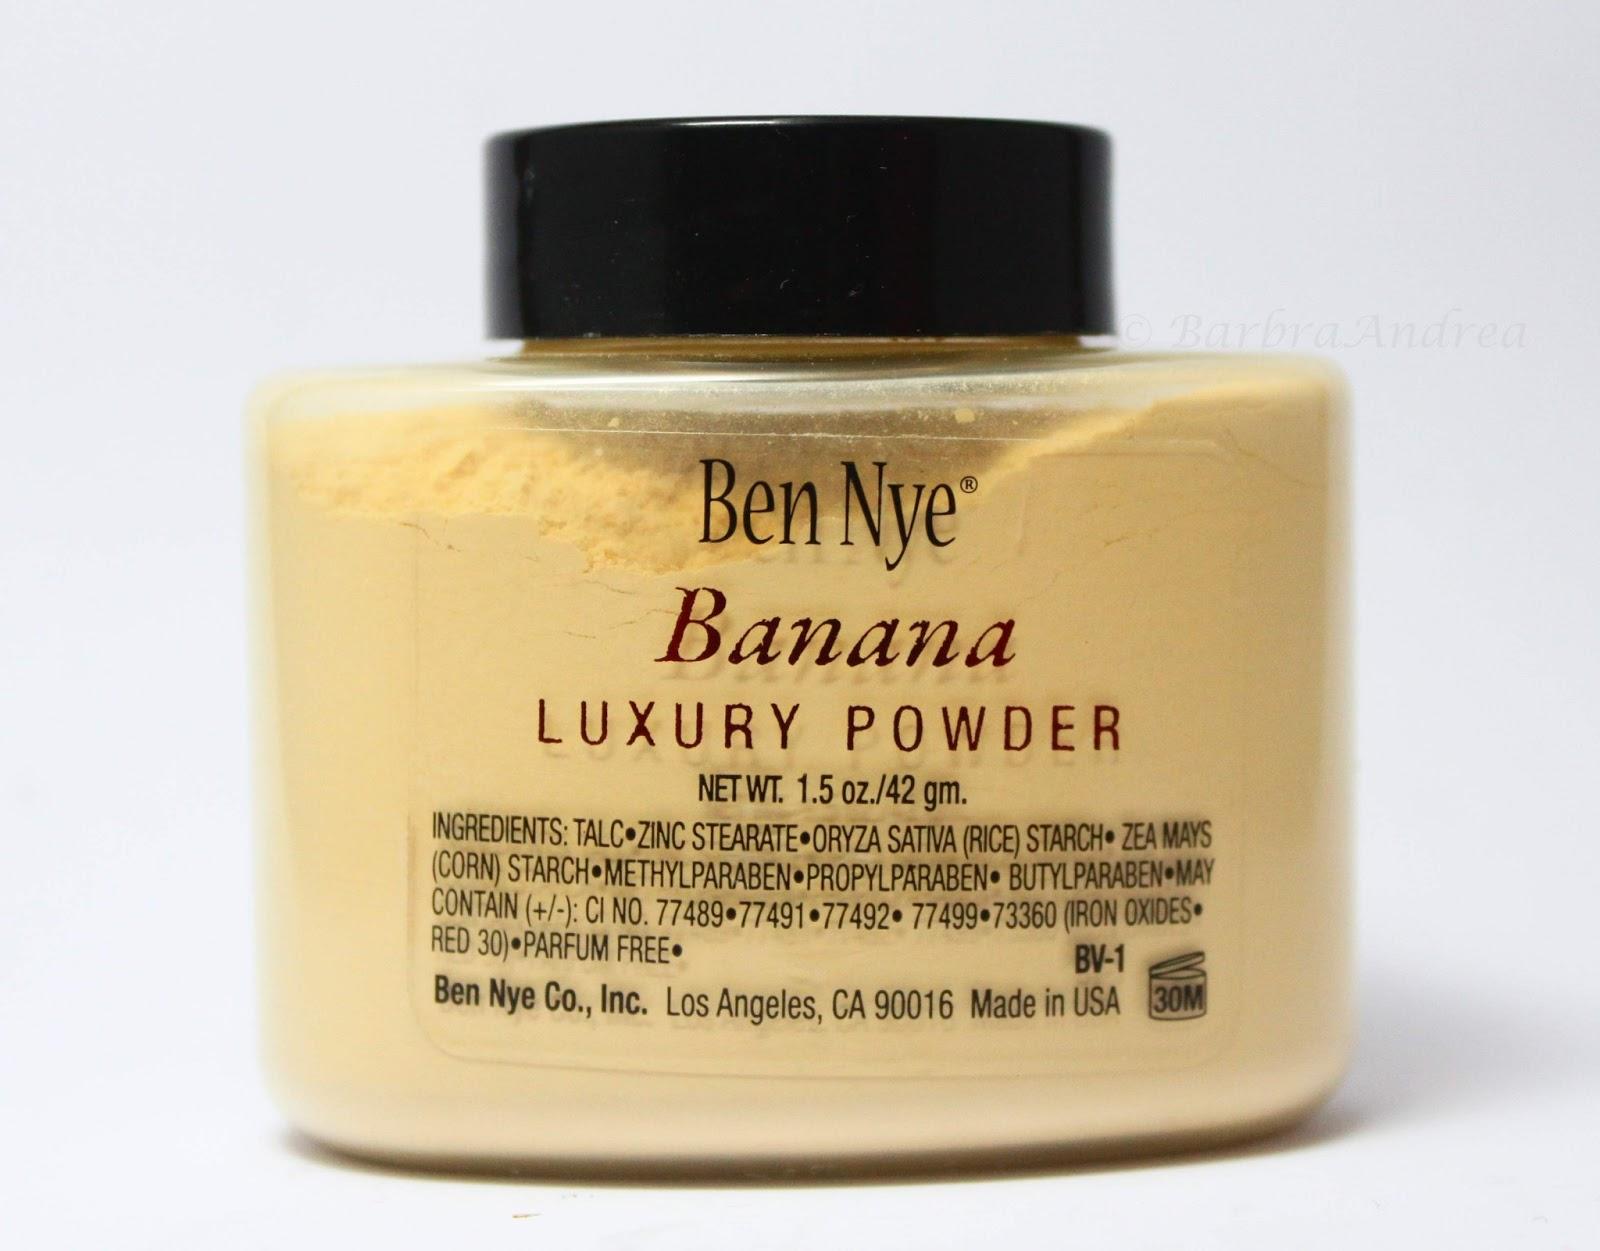 Ben Nye banana powder in UAE!